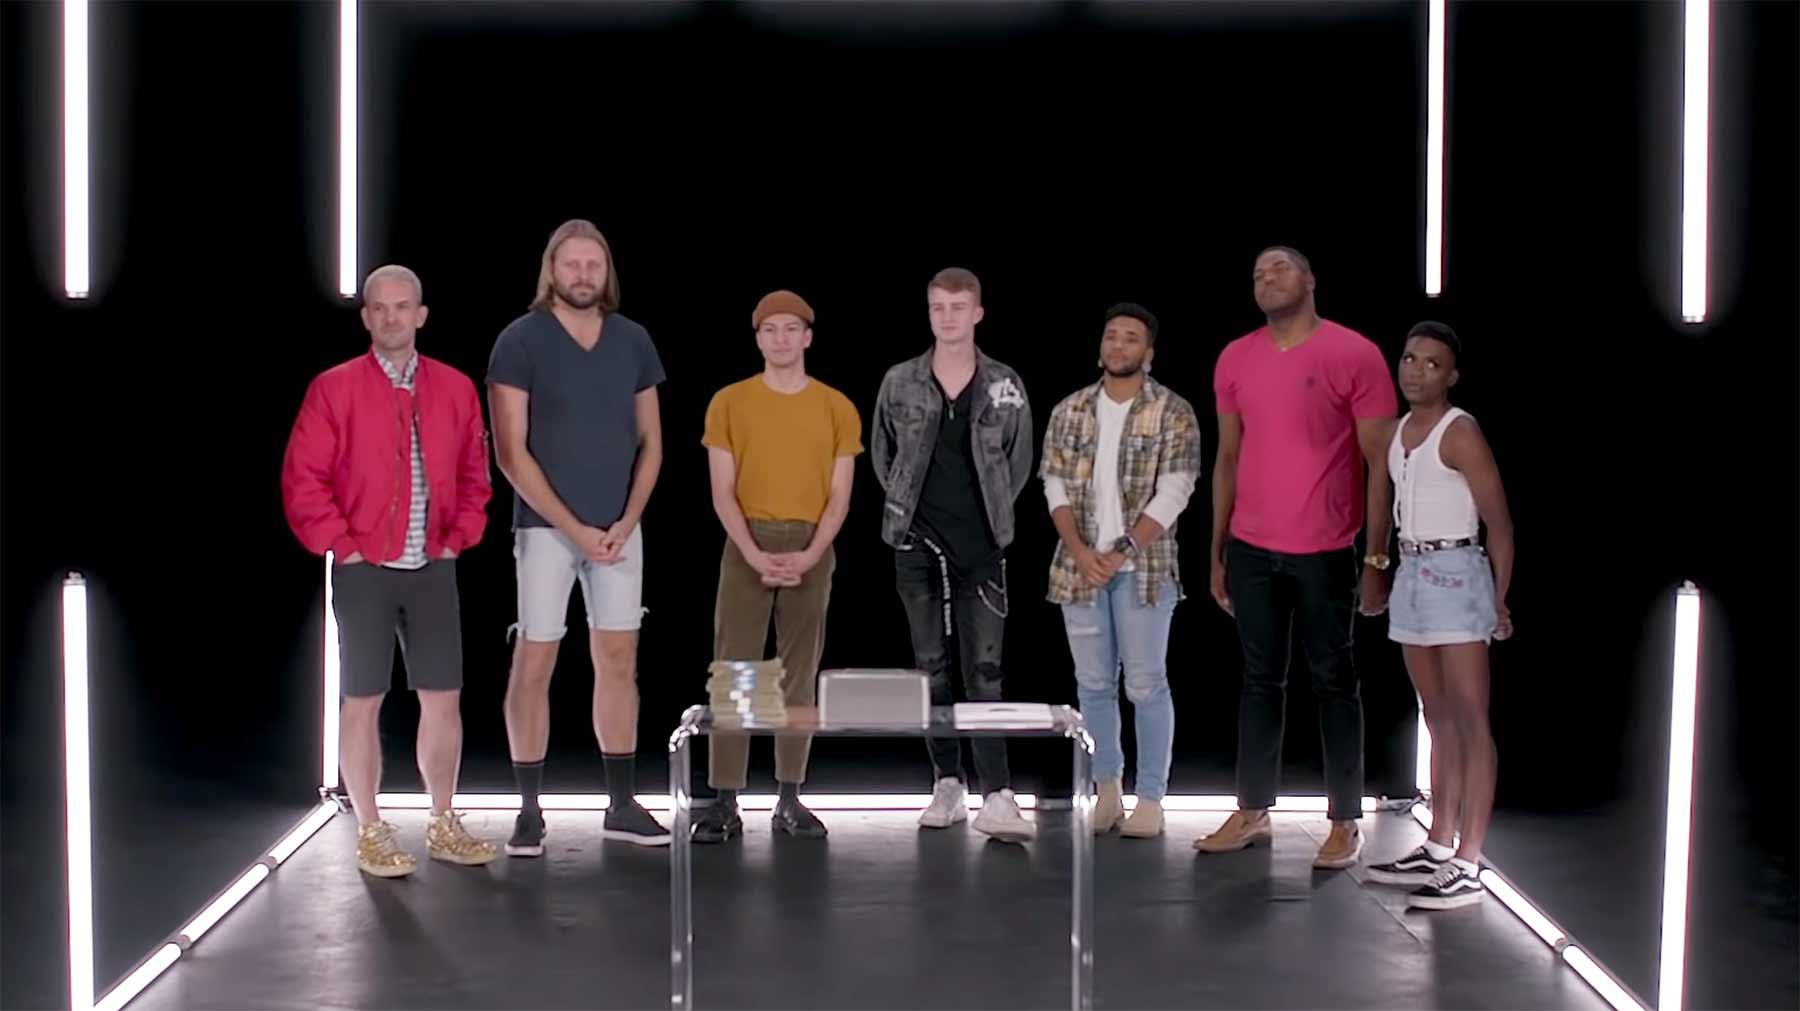 Wer ist der geheime Heterosexuelle unter diesen 7 angeblichen Homo-Männern?